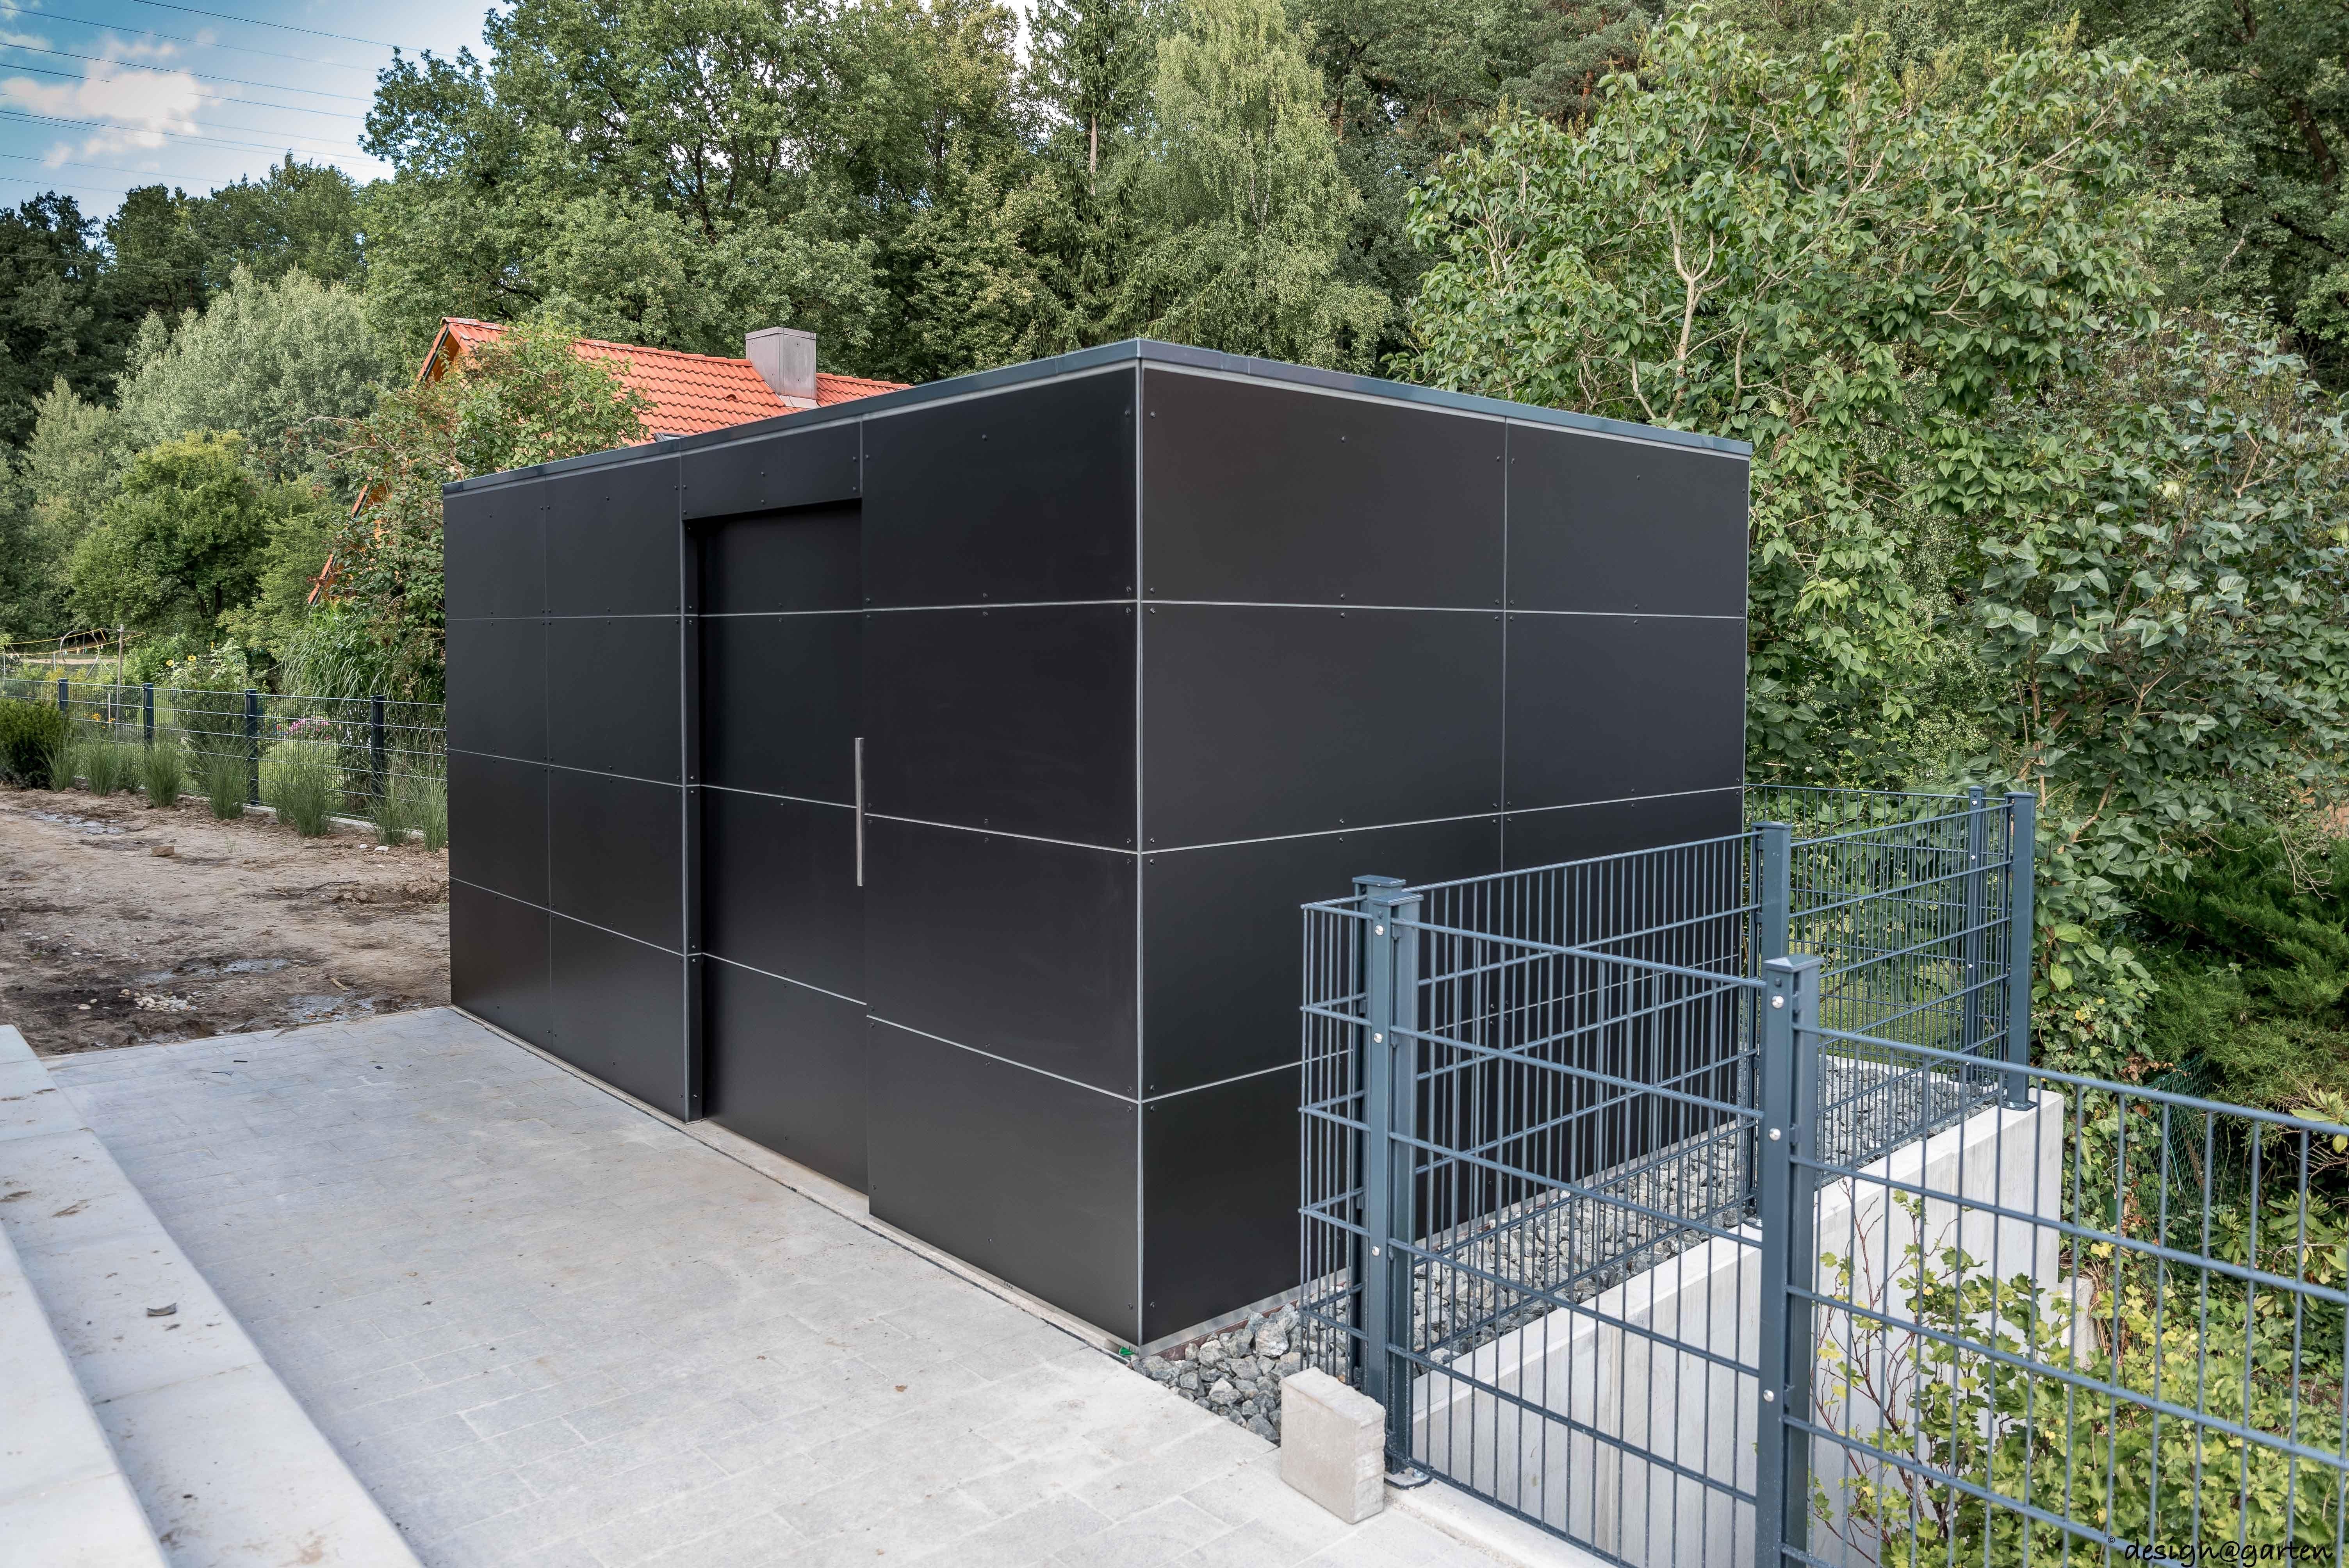 Design Gartenhaus _gart black box in München by design